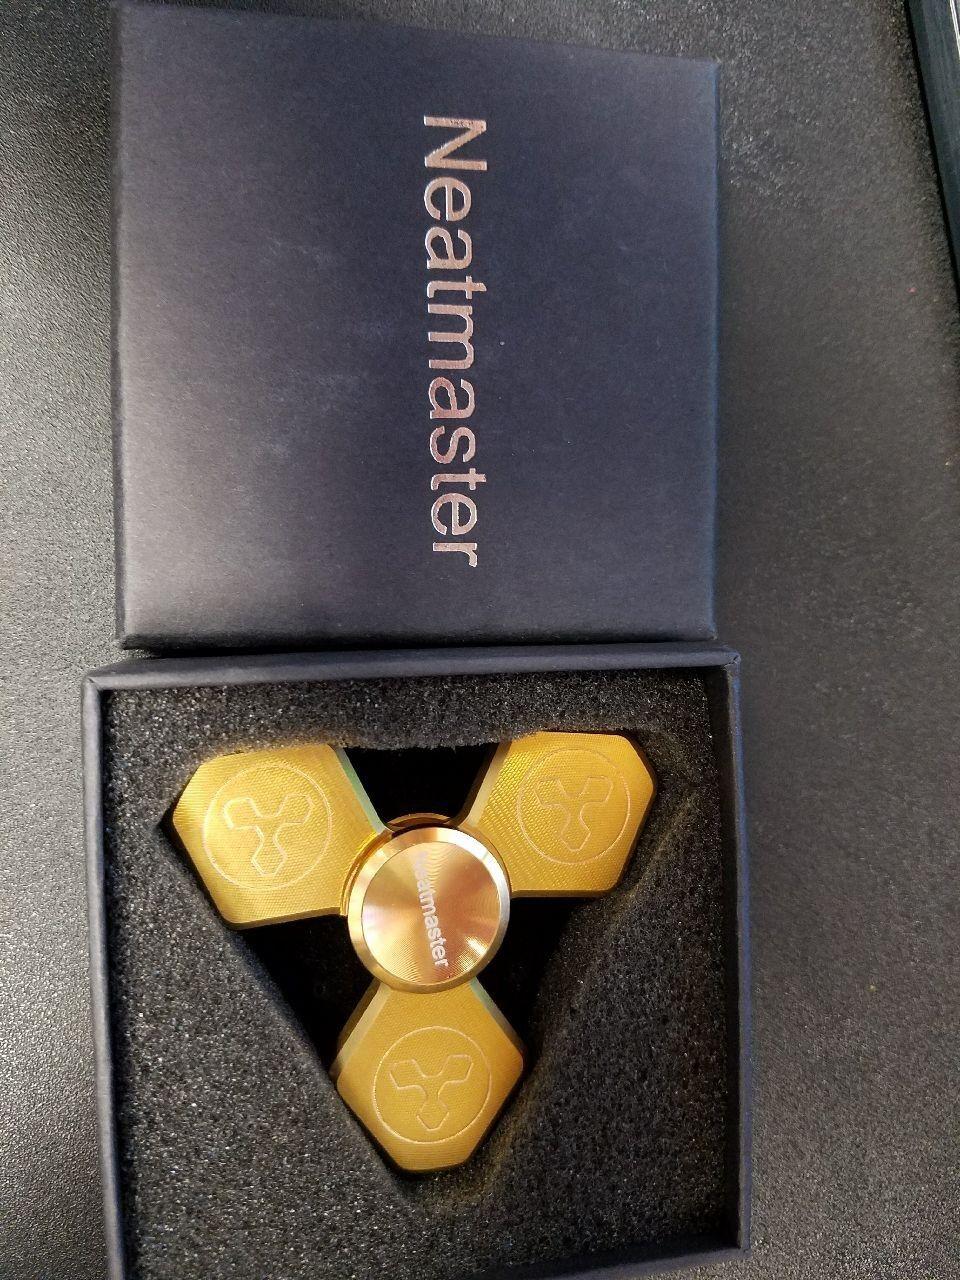 HUGE LOT of 40 New in box Brass Fidget Spinners Metal Brass